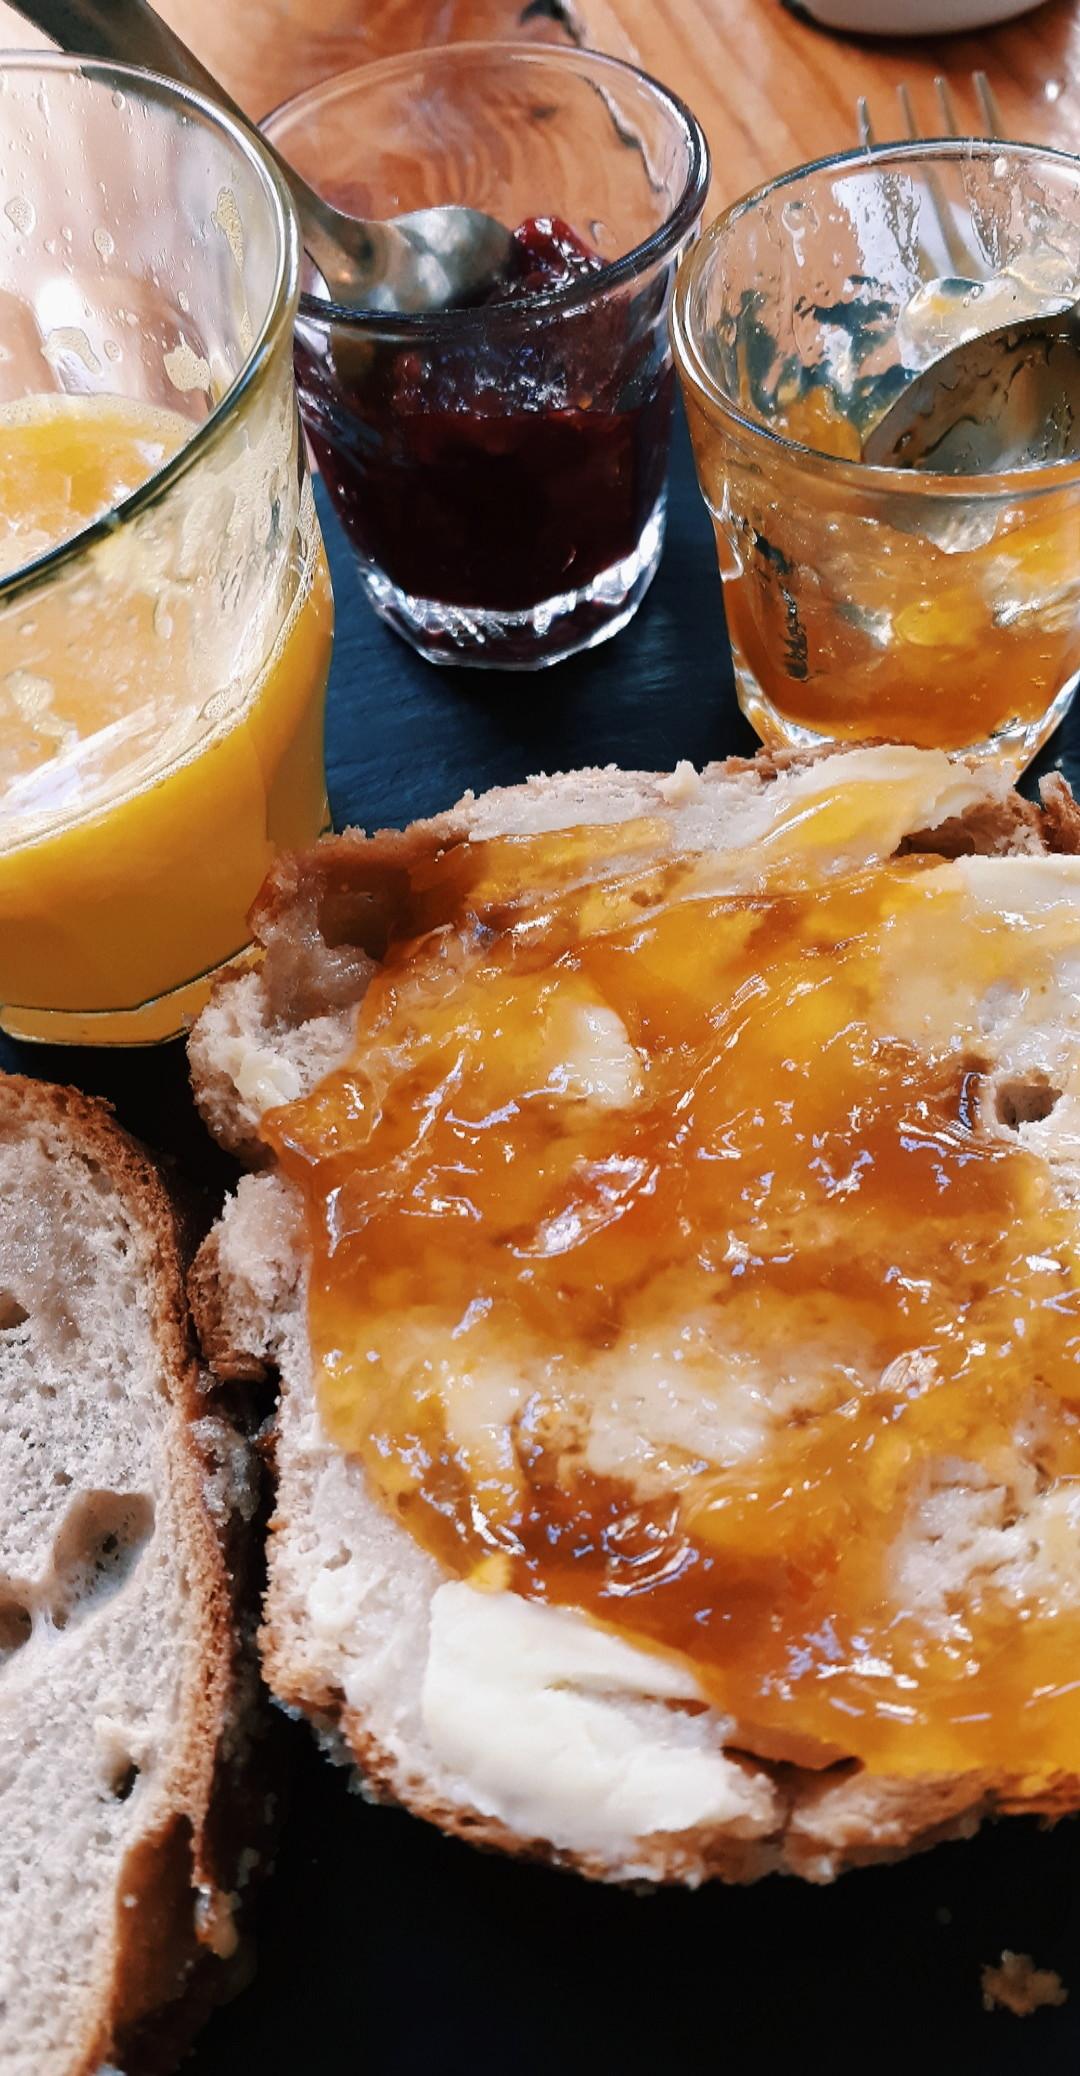 desayuno-frances-corazon-holanda-3b8fe42